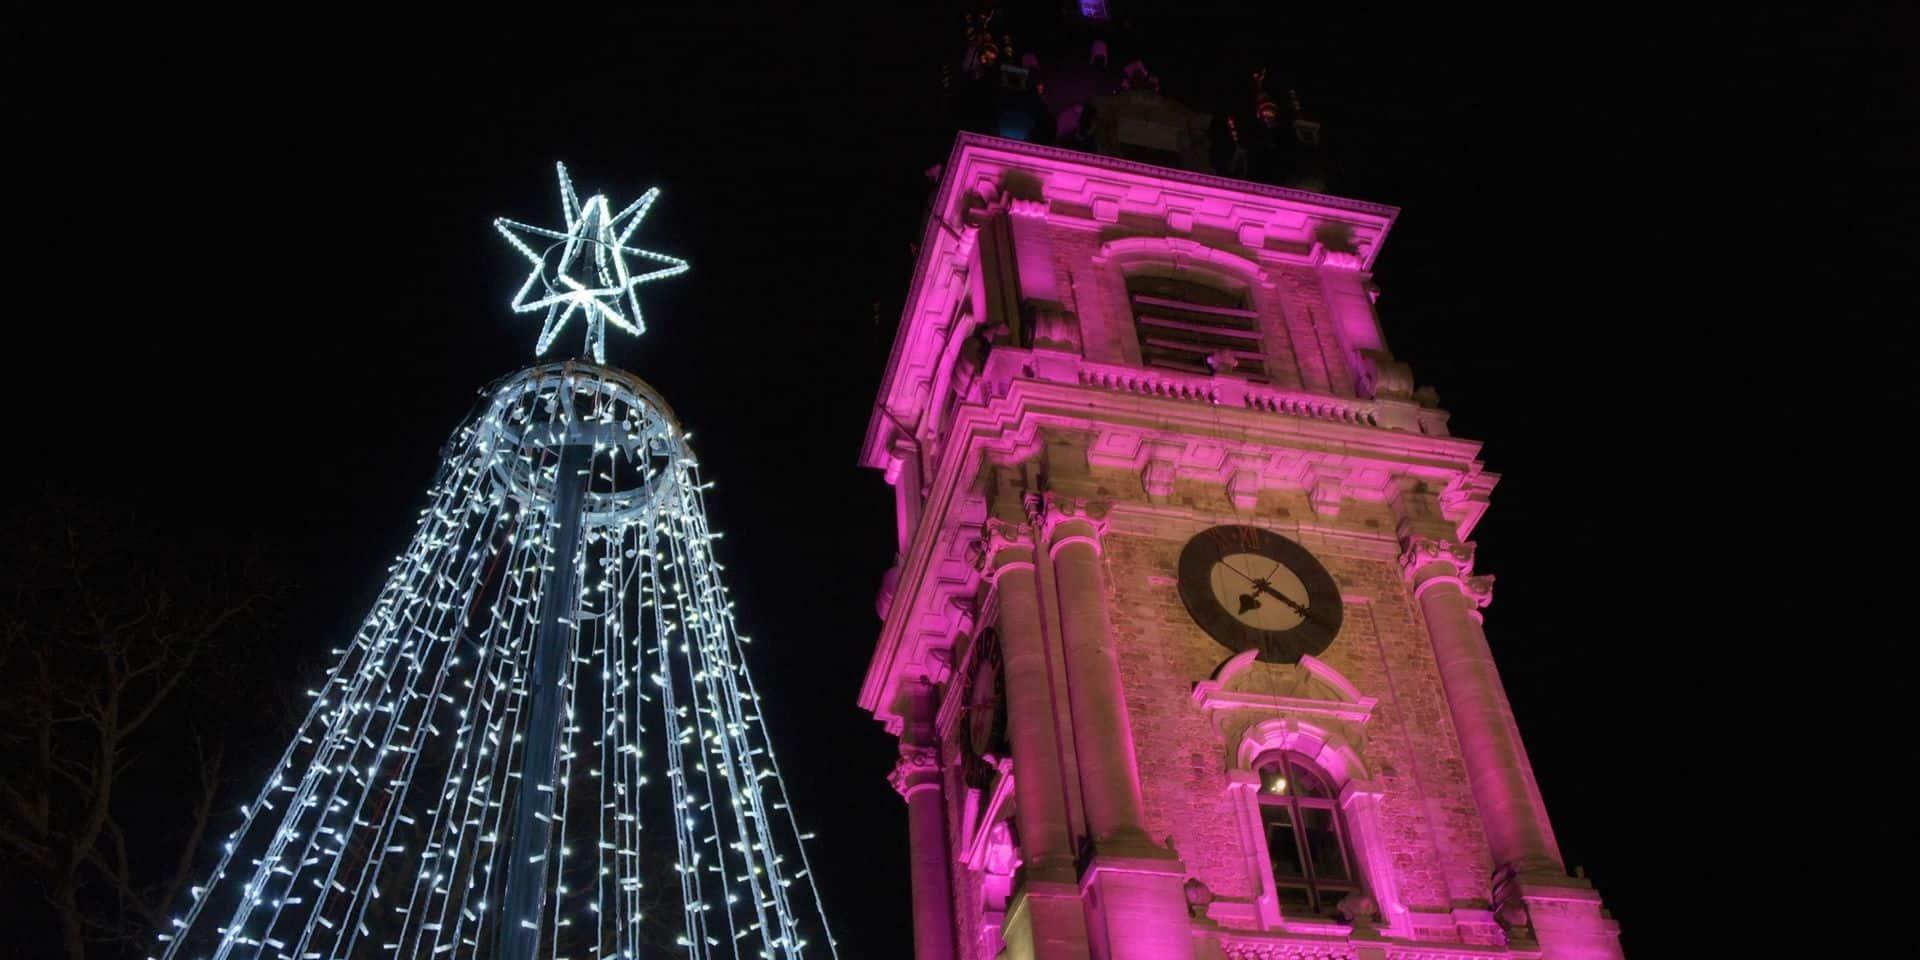 Mons: Près d'un demi-million d'euros en deux ans pour la déco de Noël, l'opposition s'étrangle